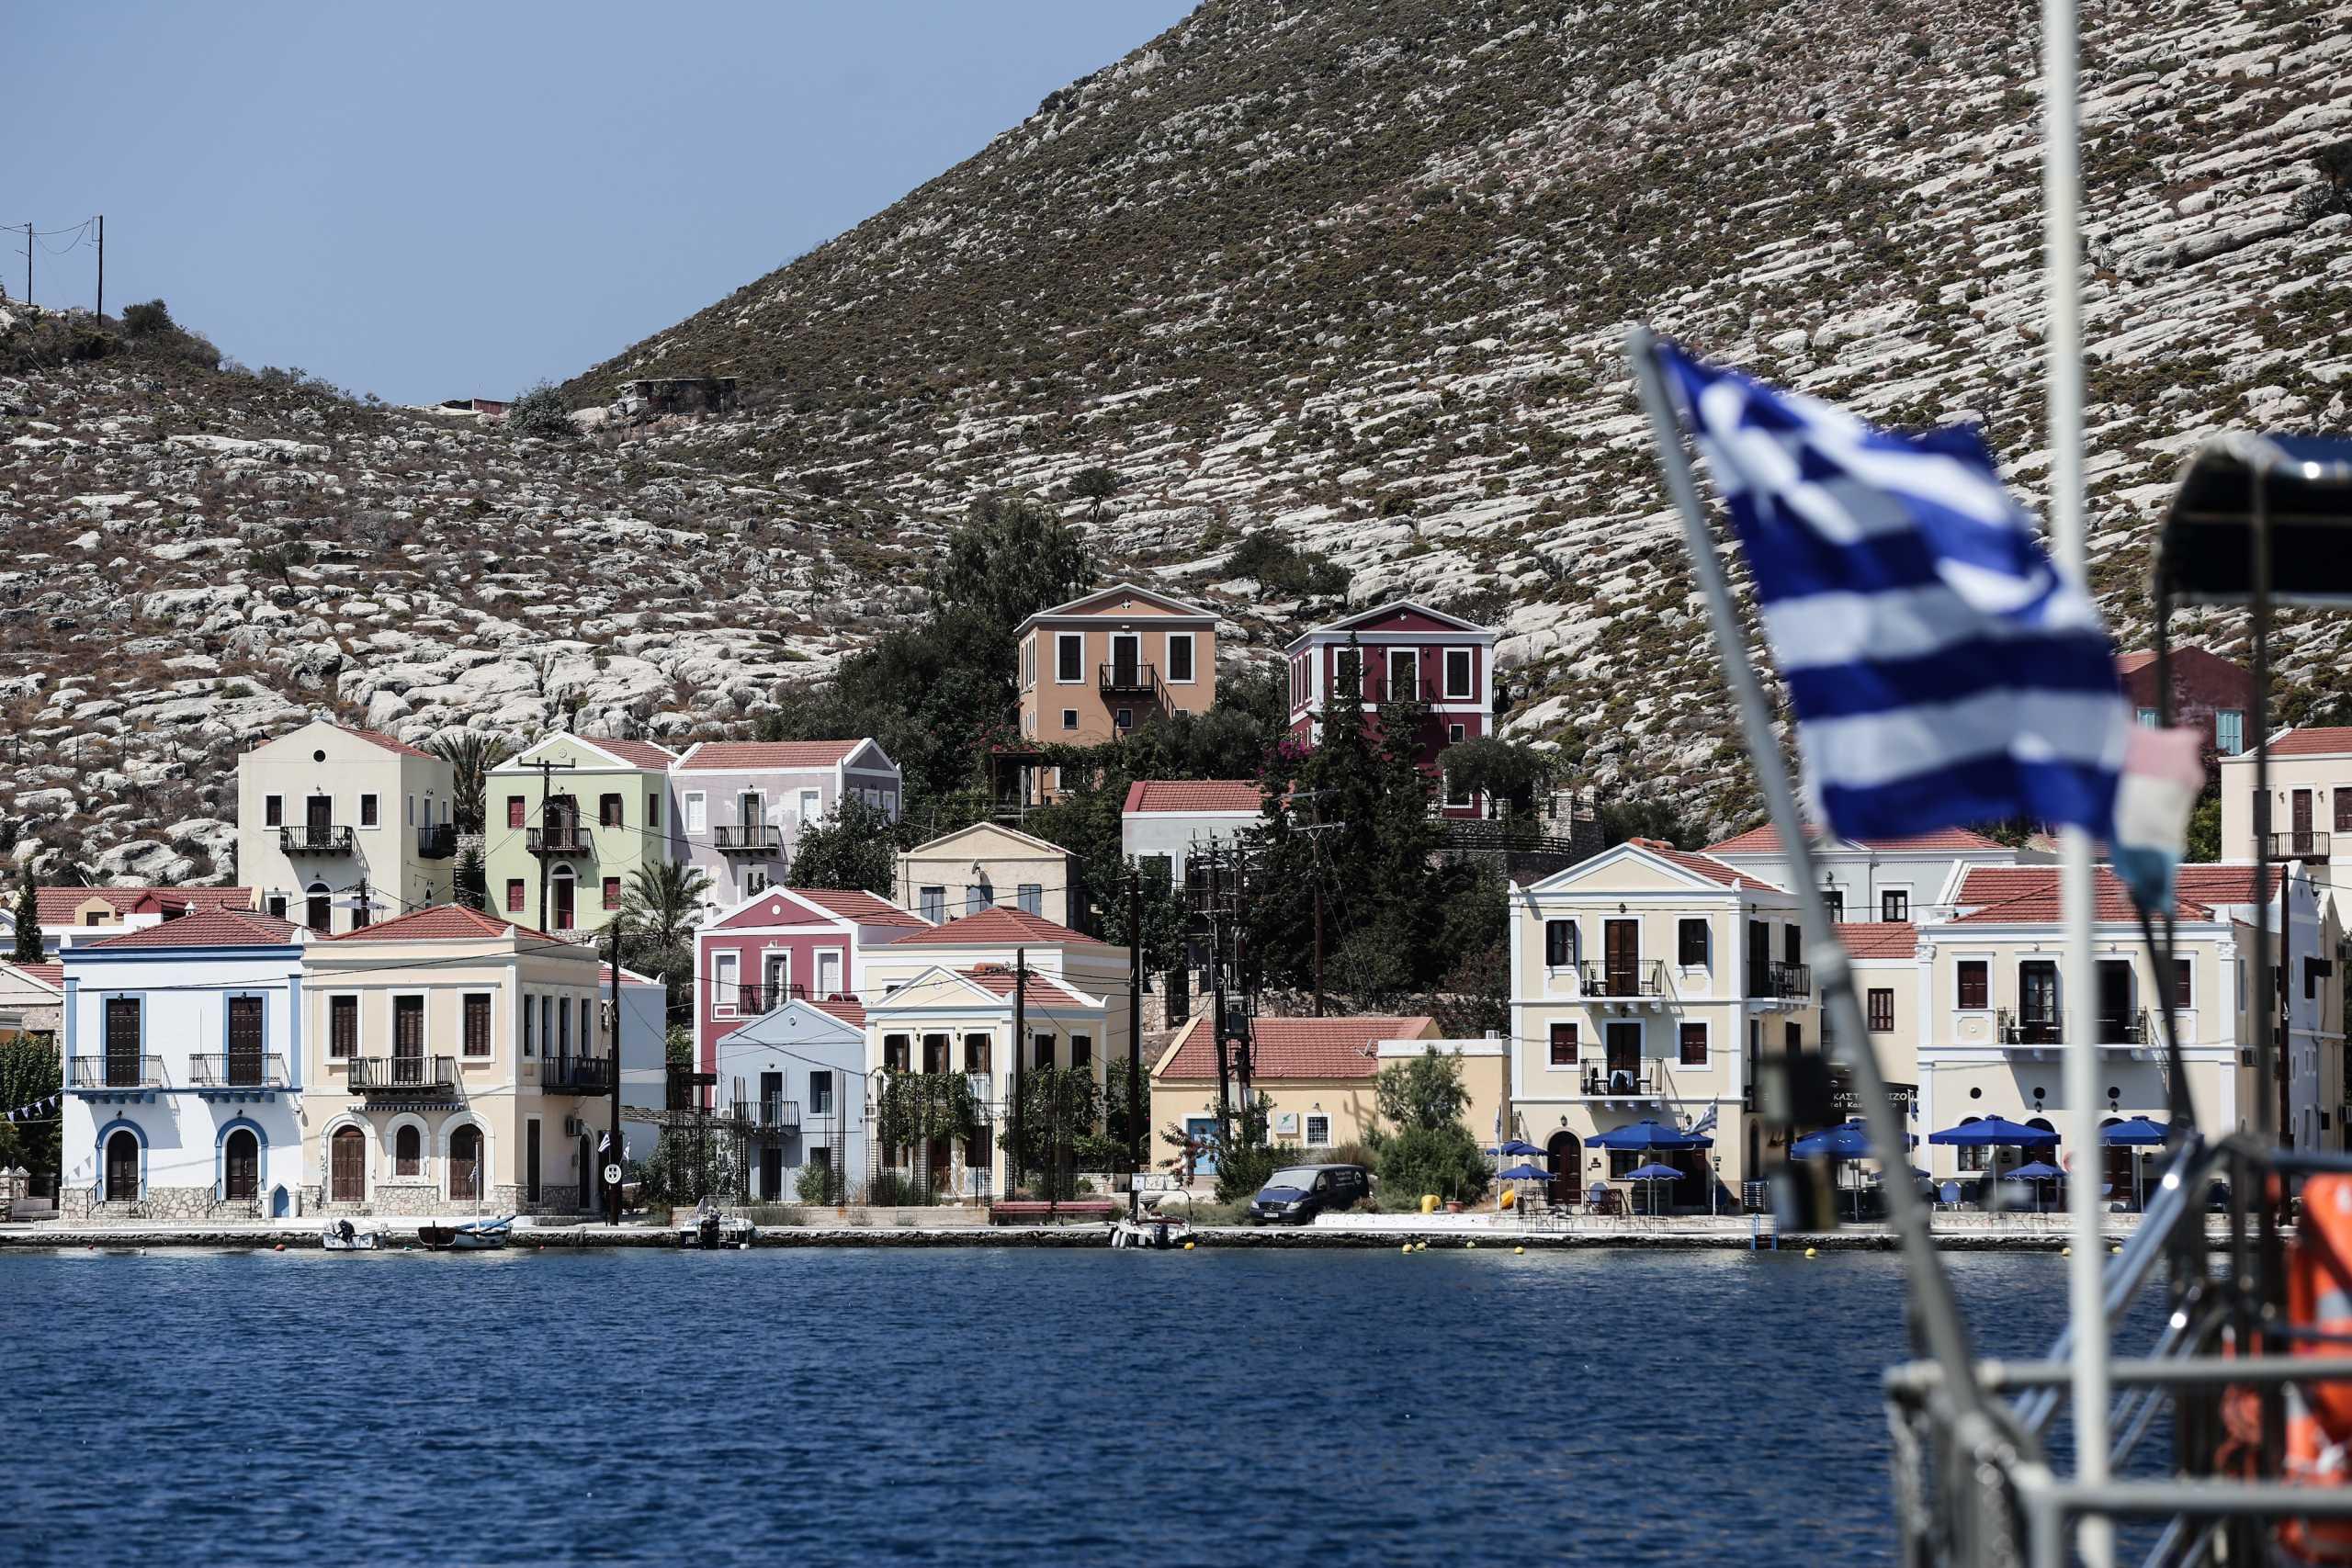 Αυτά είναι τα covid free νησιά της Ελλάδας – Οι προσδοκίες για τον τουρισμό